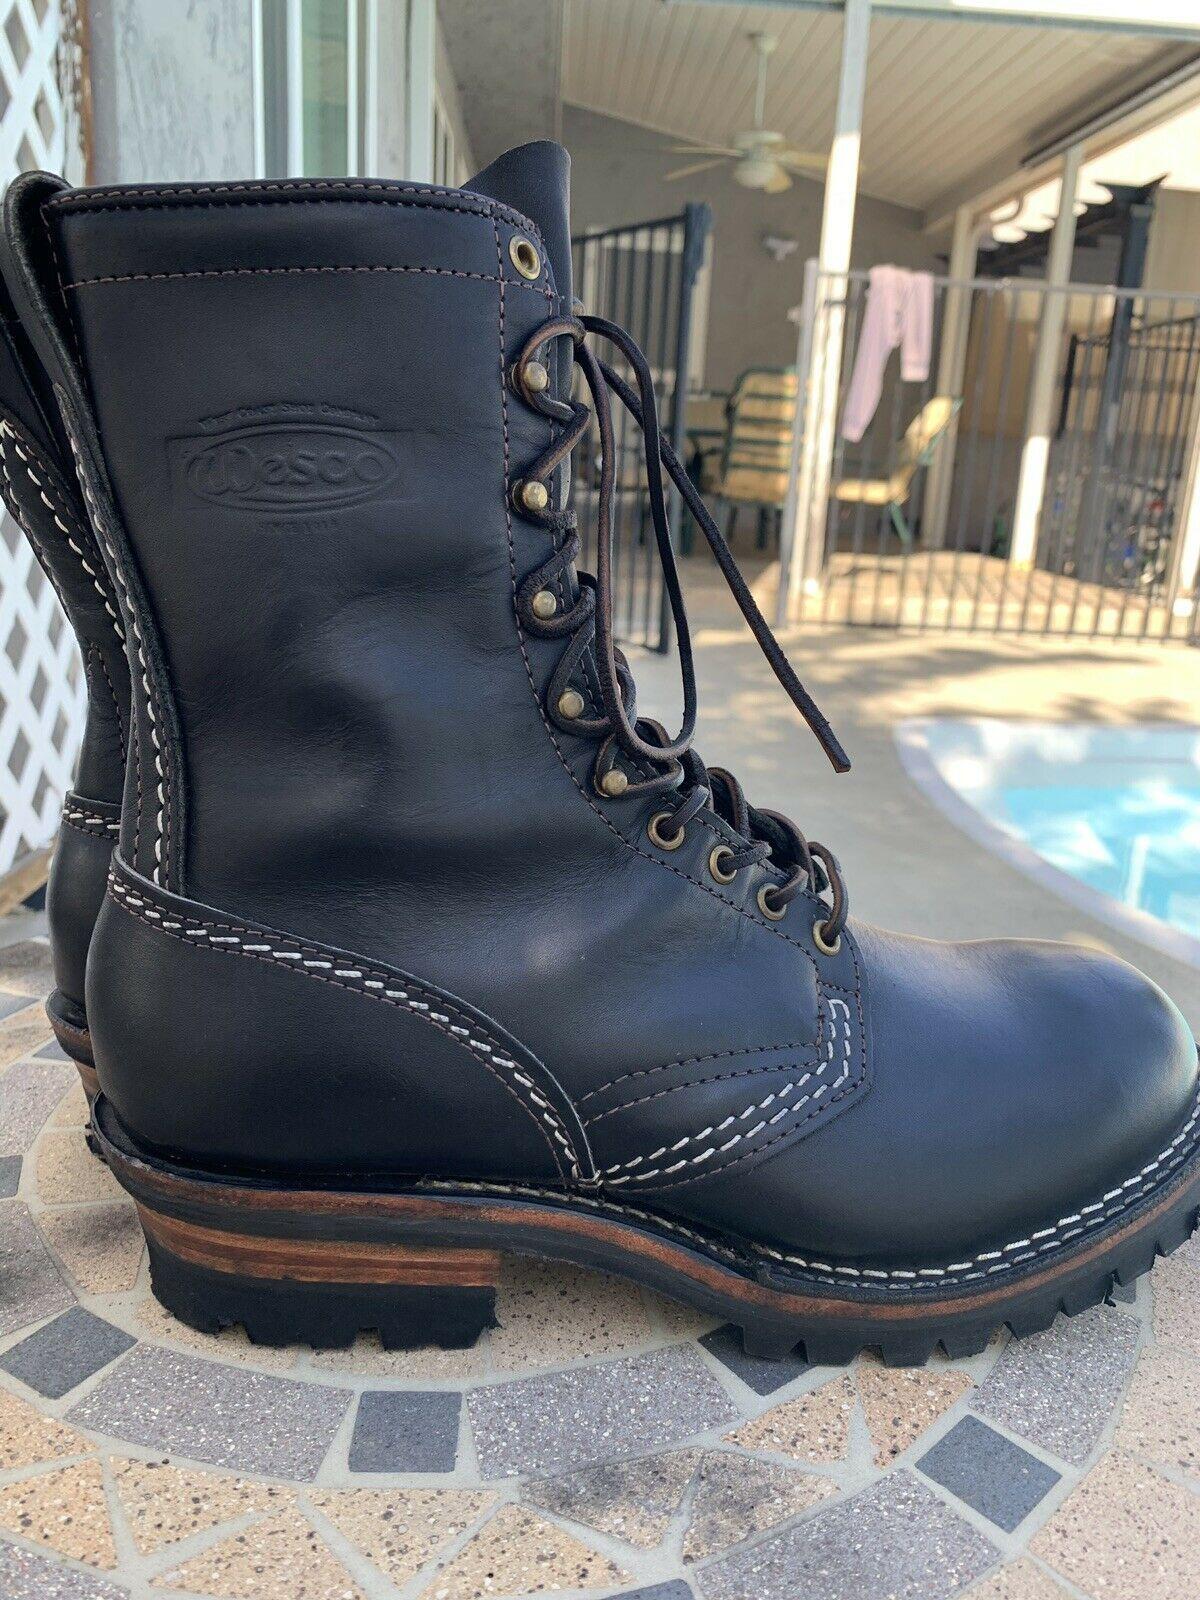 1c7652bef22 Details about Carhartt Men's Bison 11'' Waterproof Steel Toe Work ...